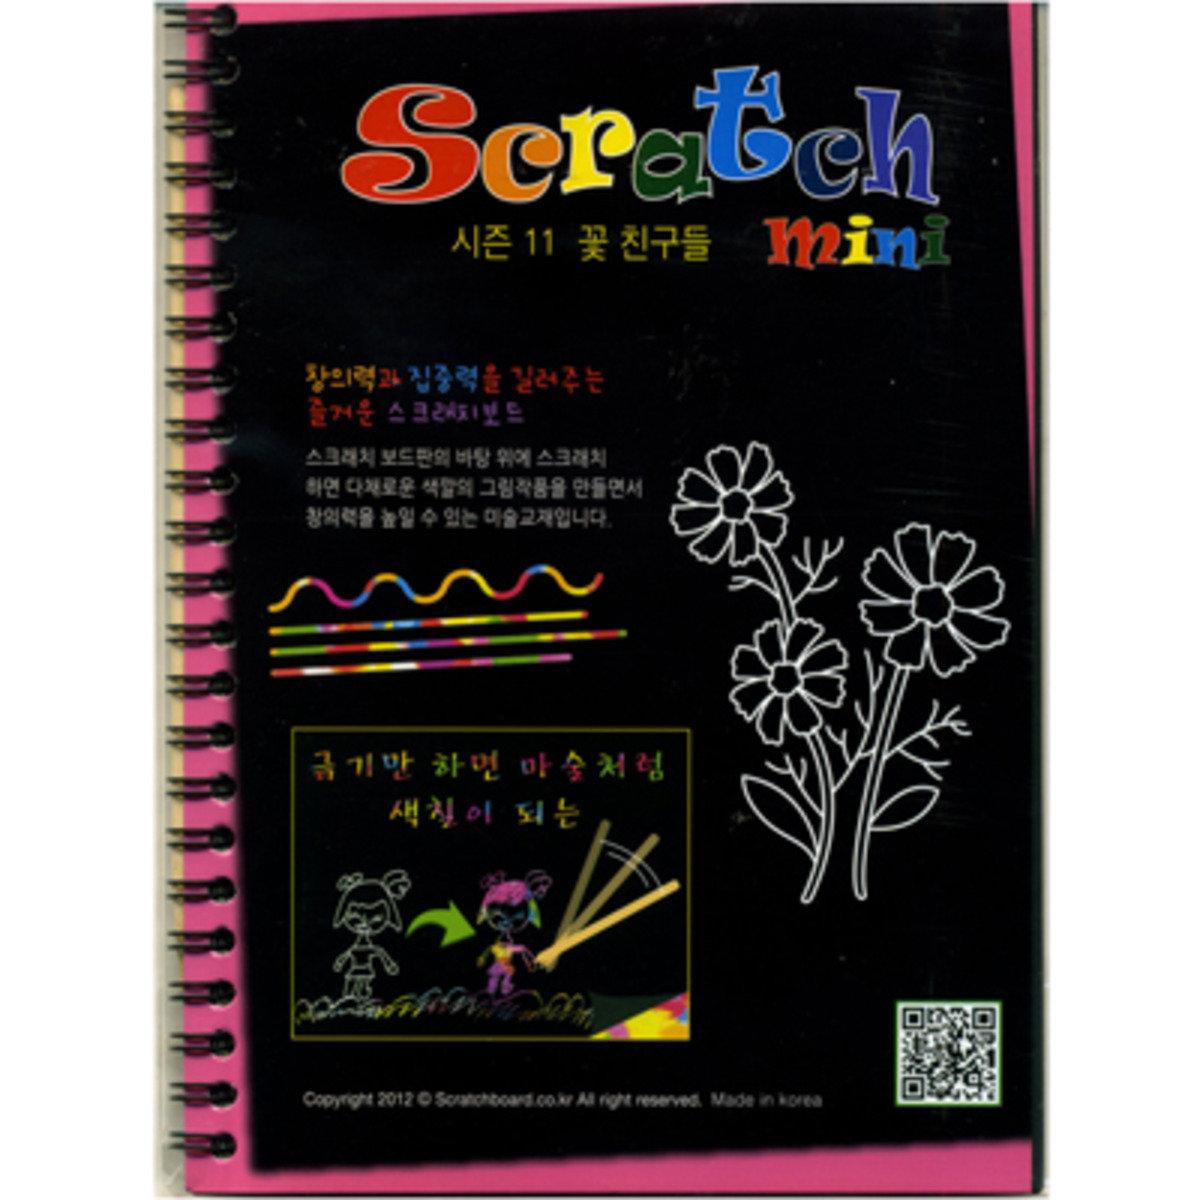 SCRATCH MINI - FLOWER 8809379160238